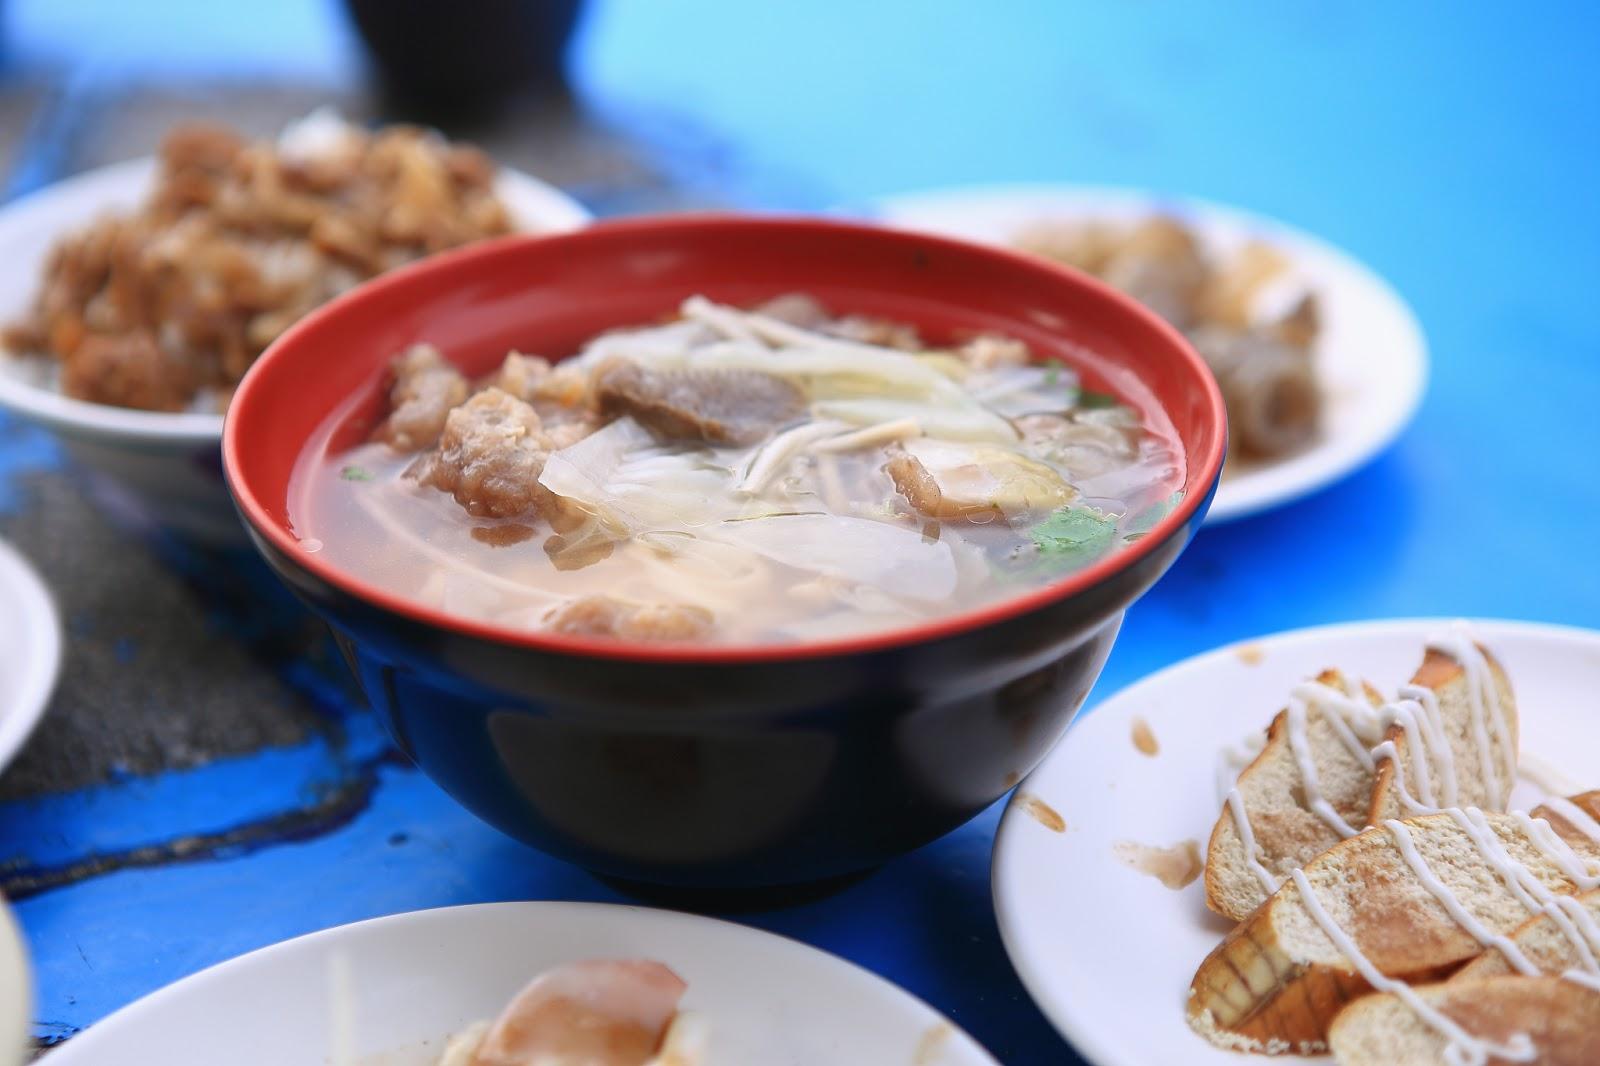 阿華鯊魚羹 新北瑞芳區 深澳漁港裡的新鮮海味小吃店 - 小食日記